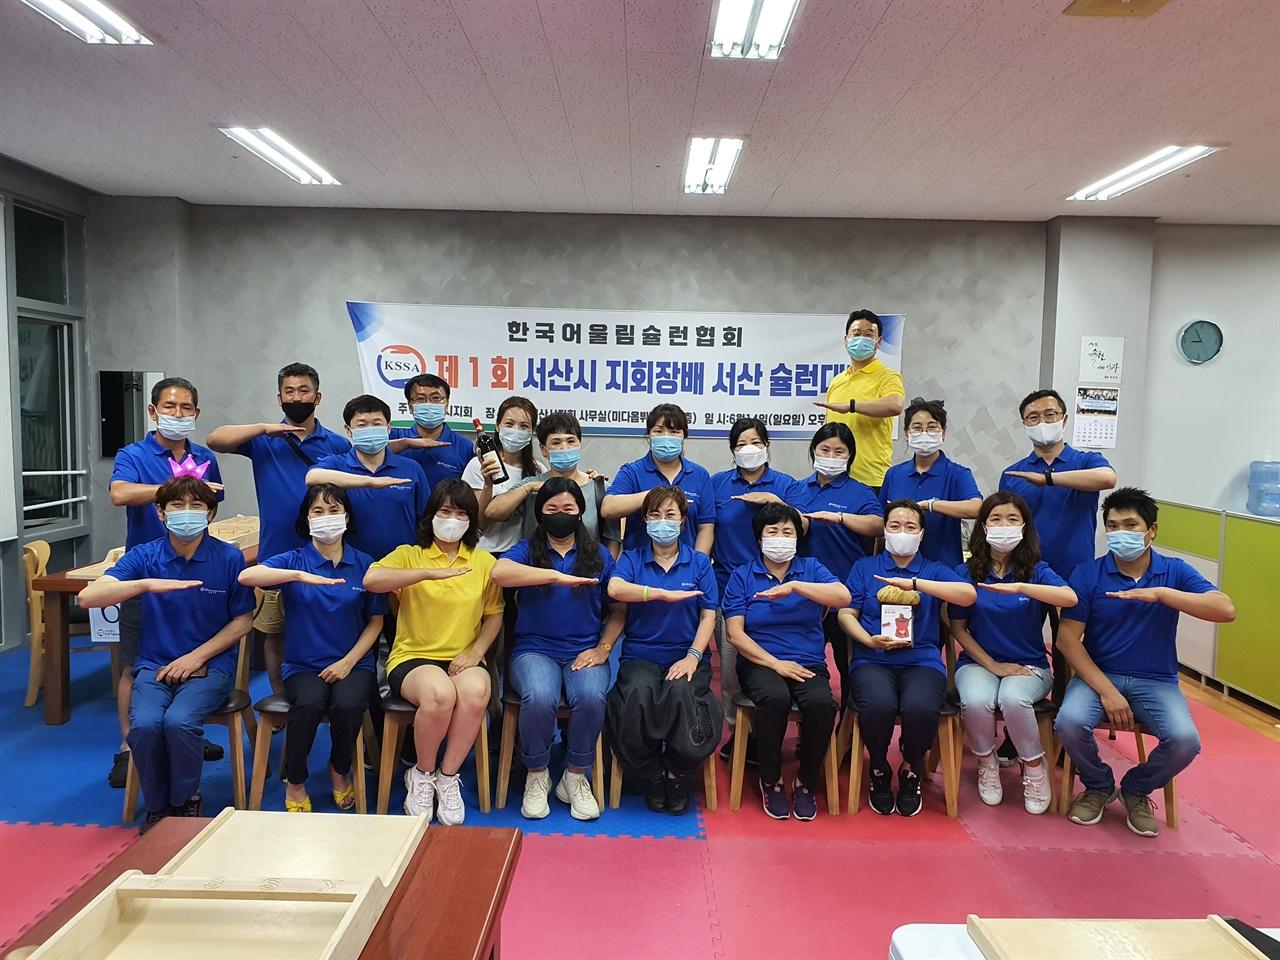 한국어울림슐런협회 서산시지회는 매주 30여 명의 회원들이 모여 자체대회를 개최하고 붐 조성에 나서고 있다. 모임을 마친 회원들이 포즈를 취하고 있다.